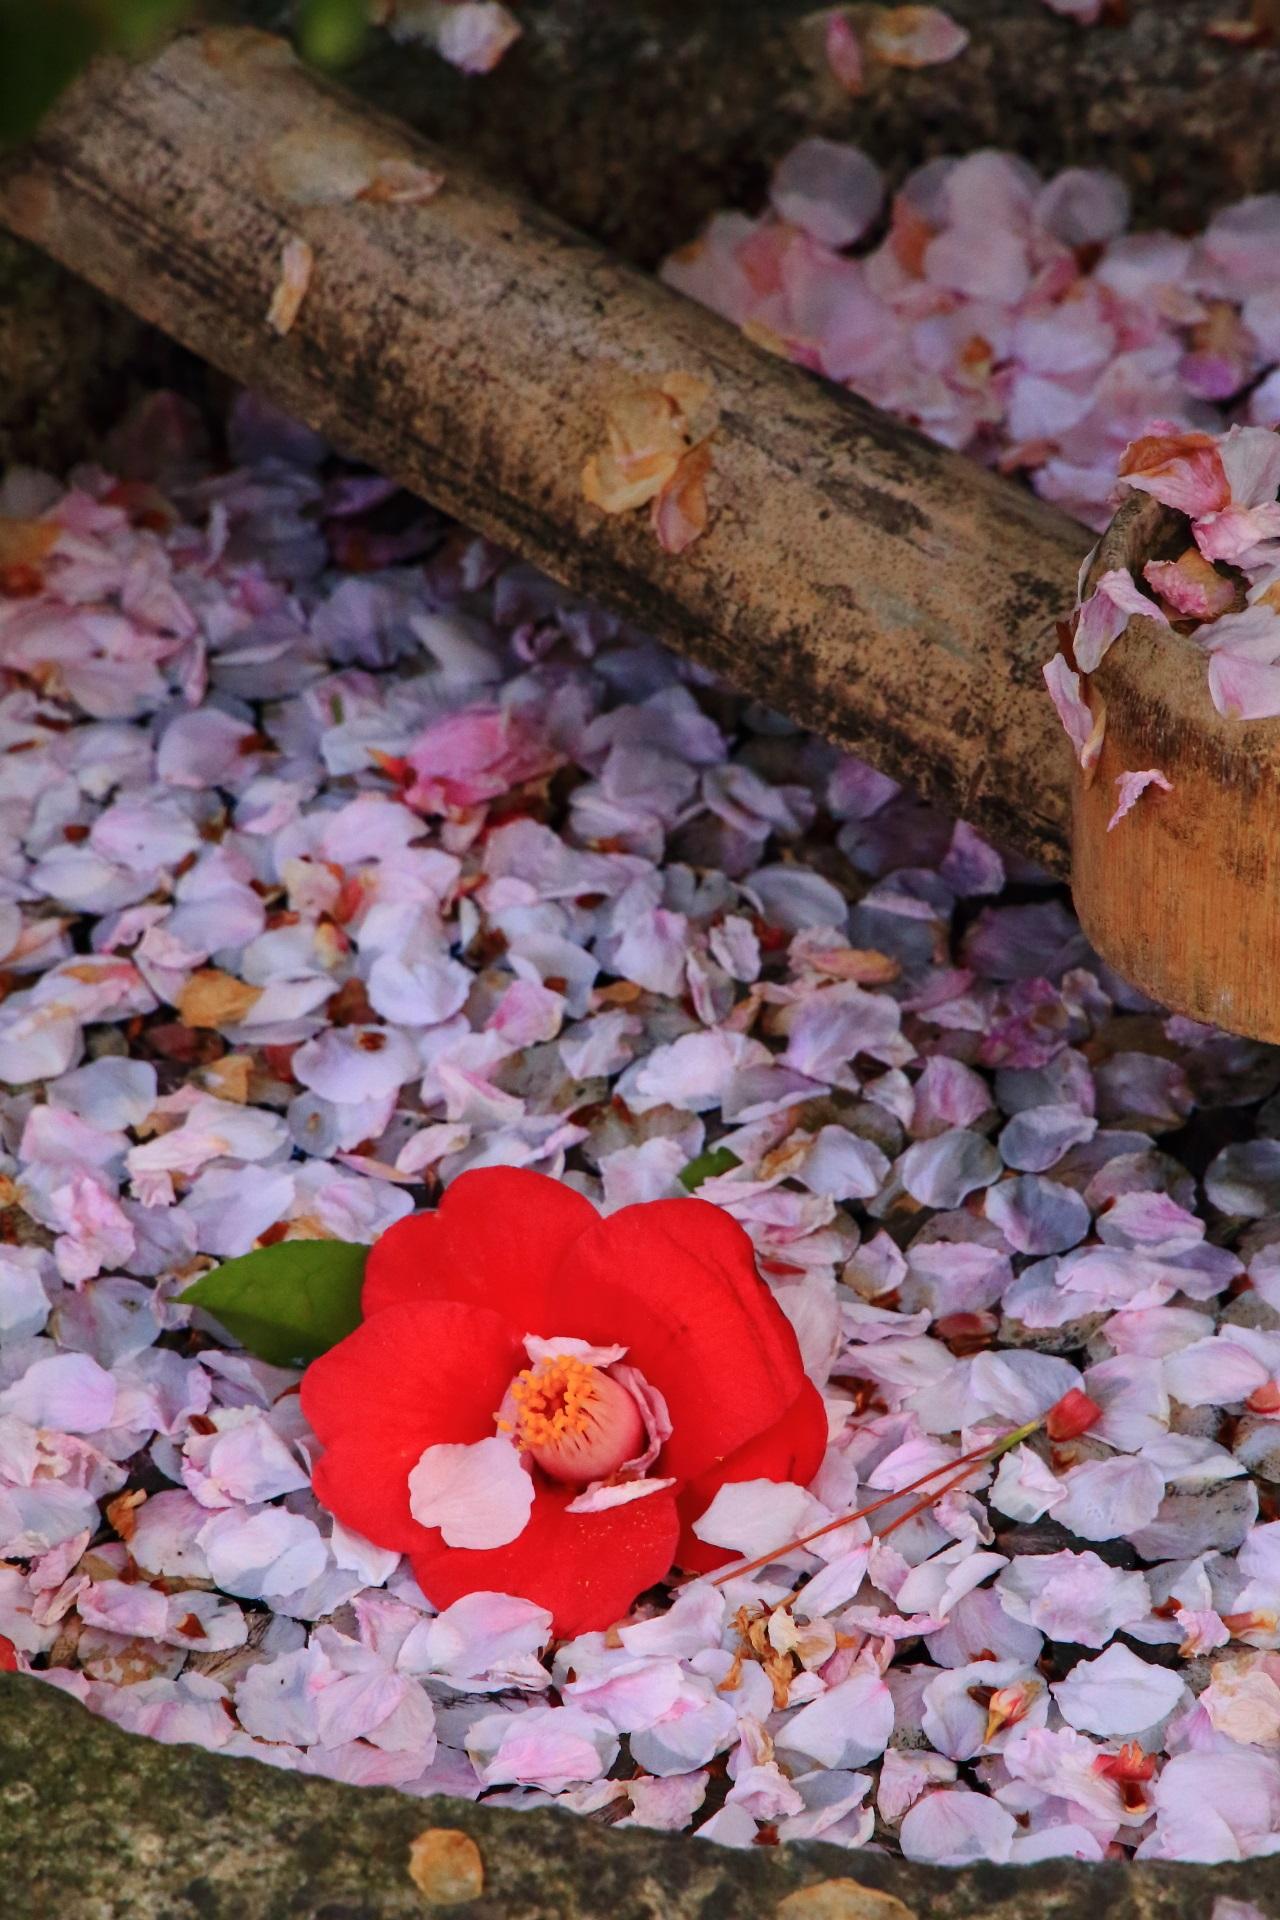 風情と華やかさをあわせ持つ散り椿と散り桜